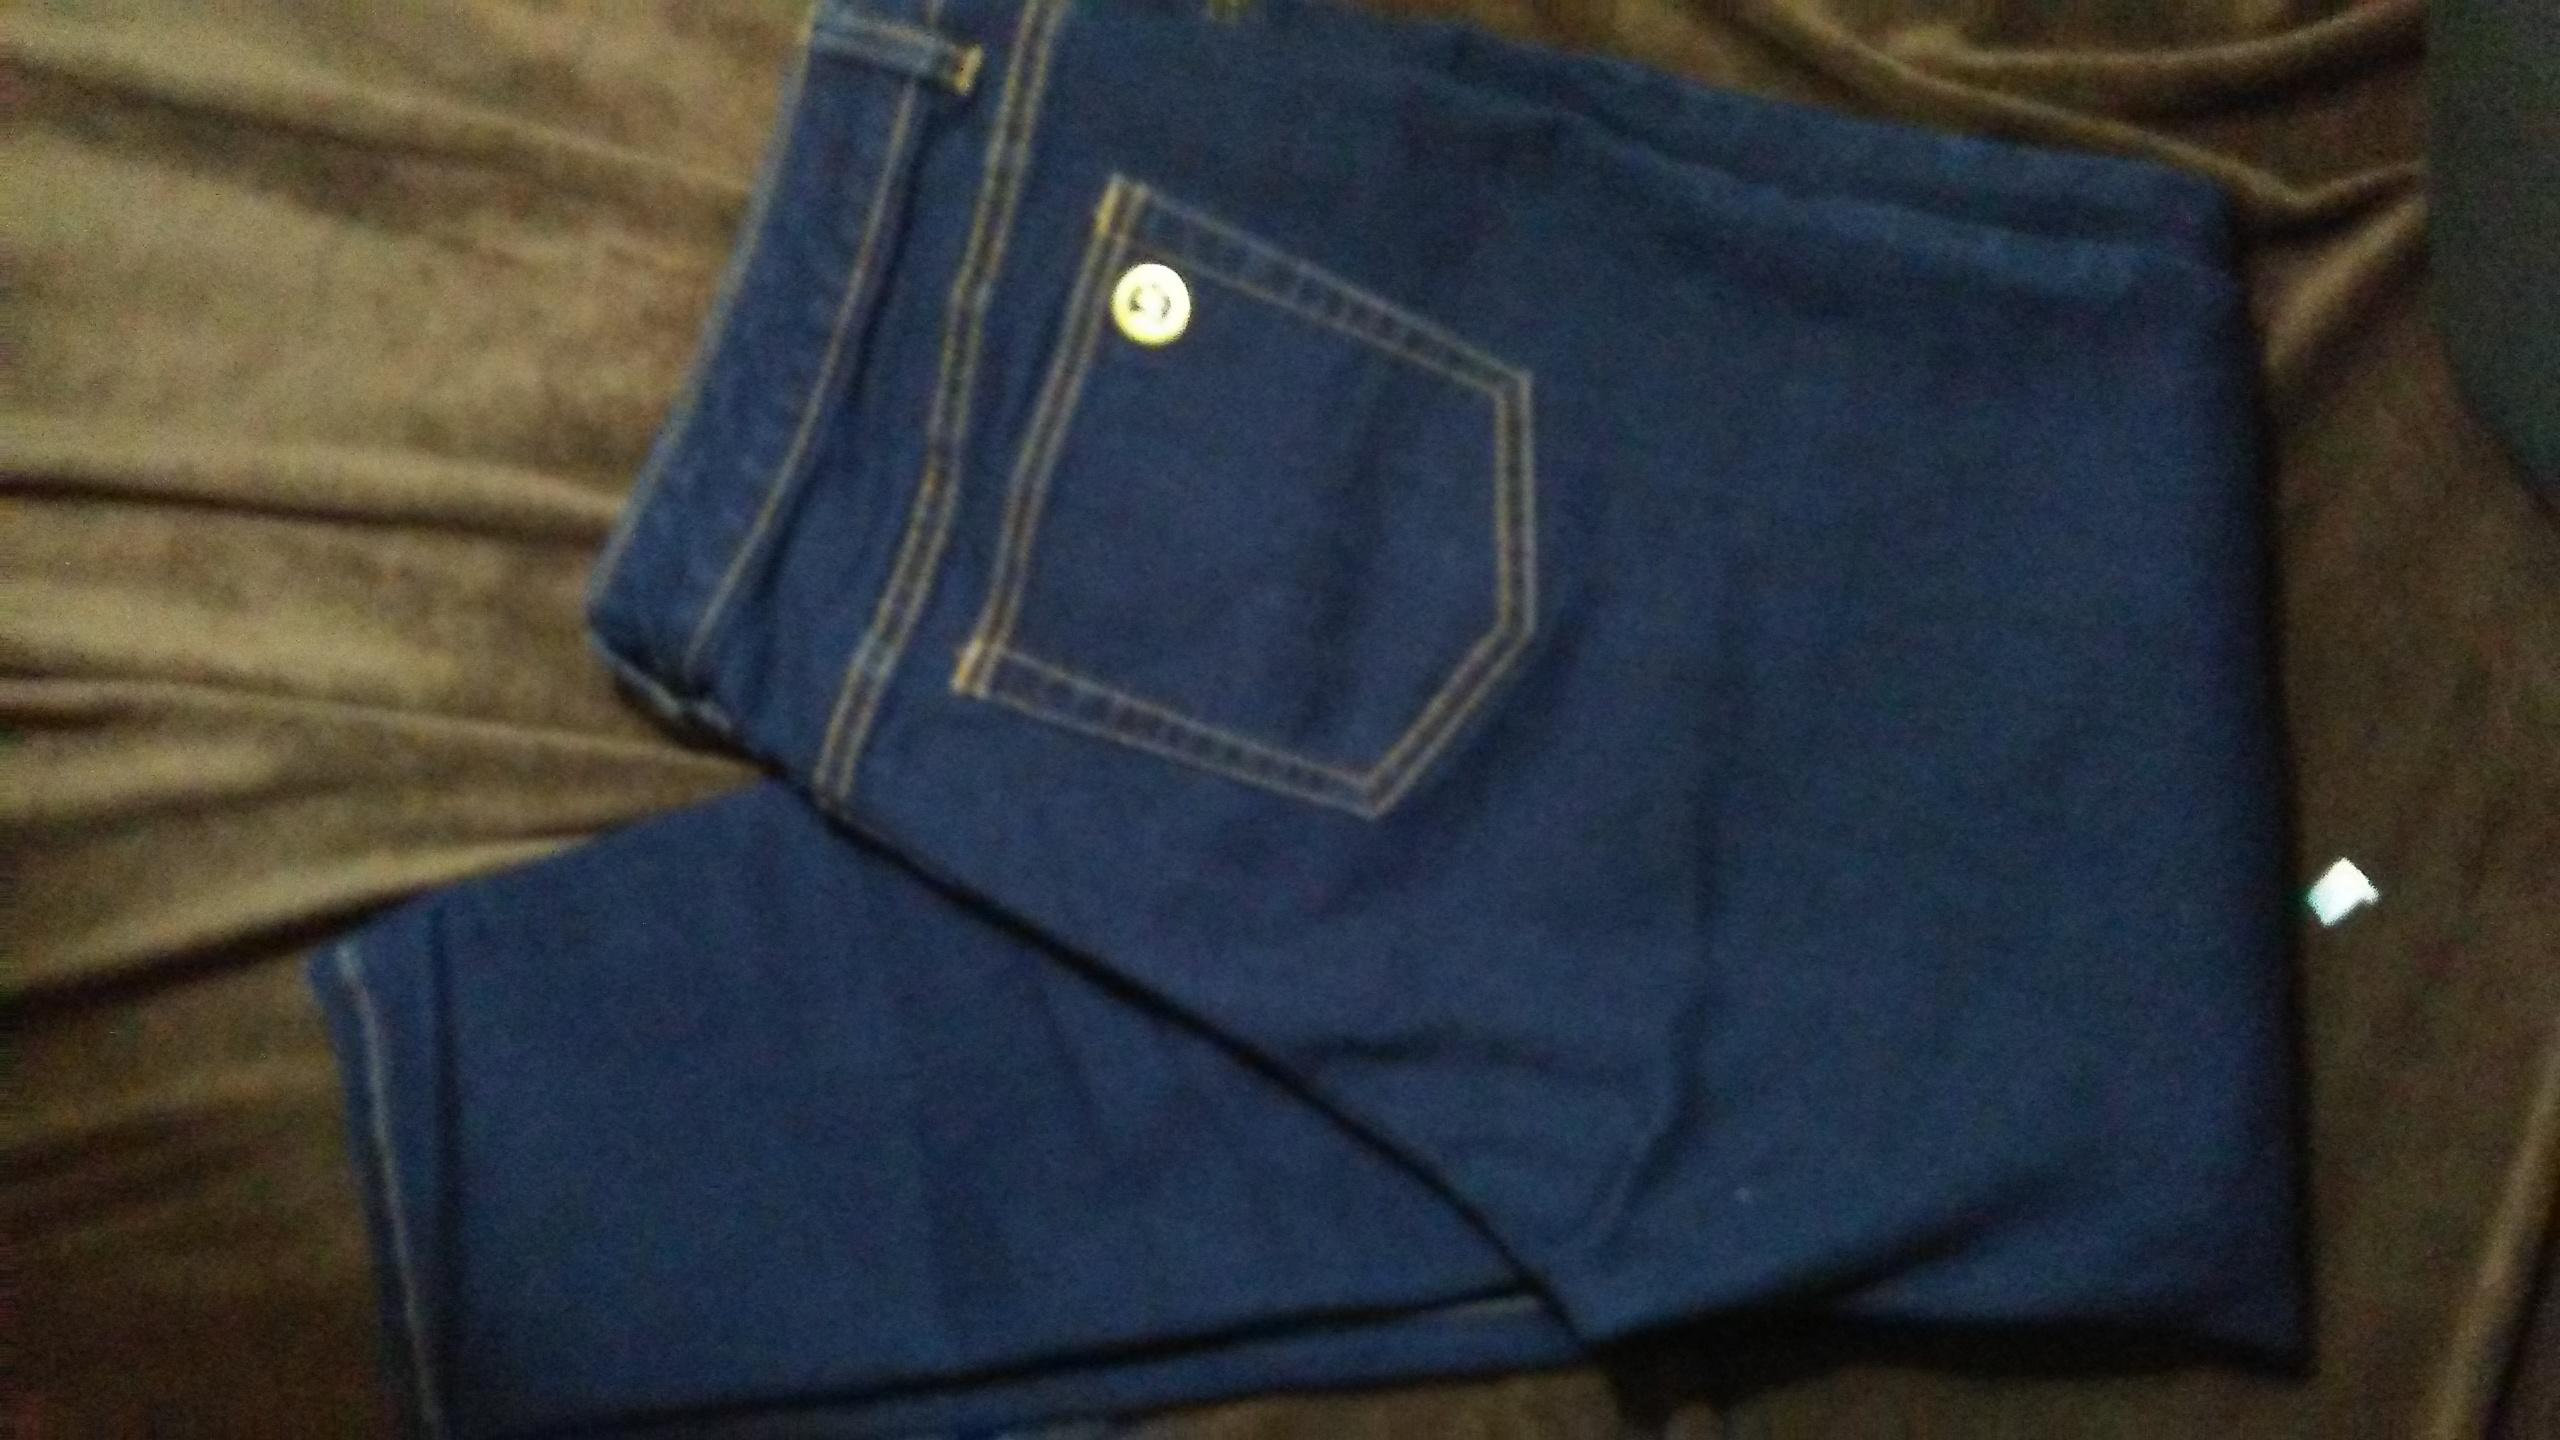 Micheal kors women's jeans